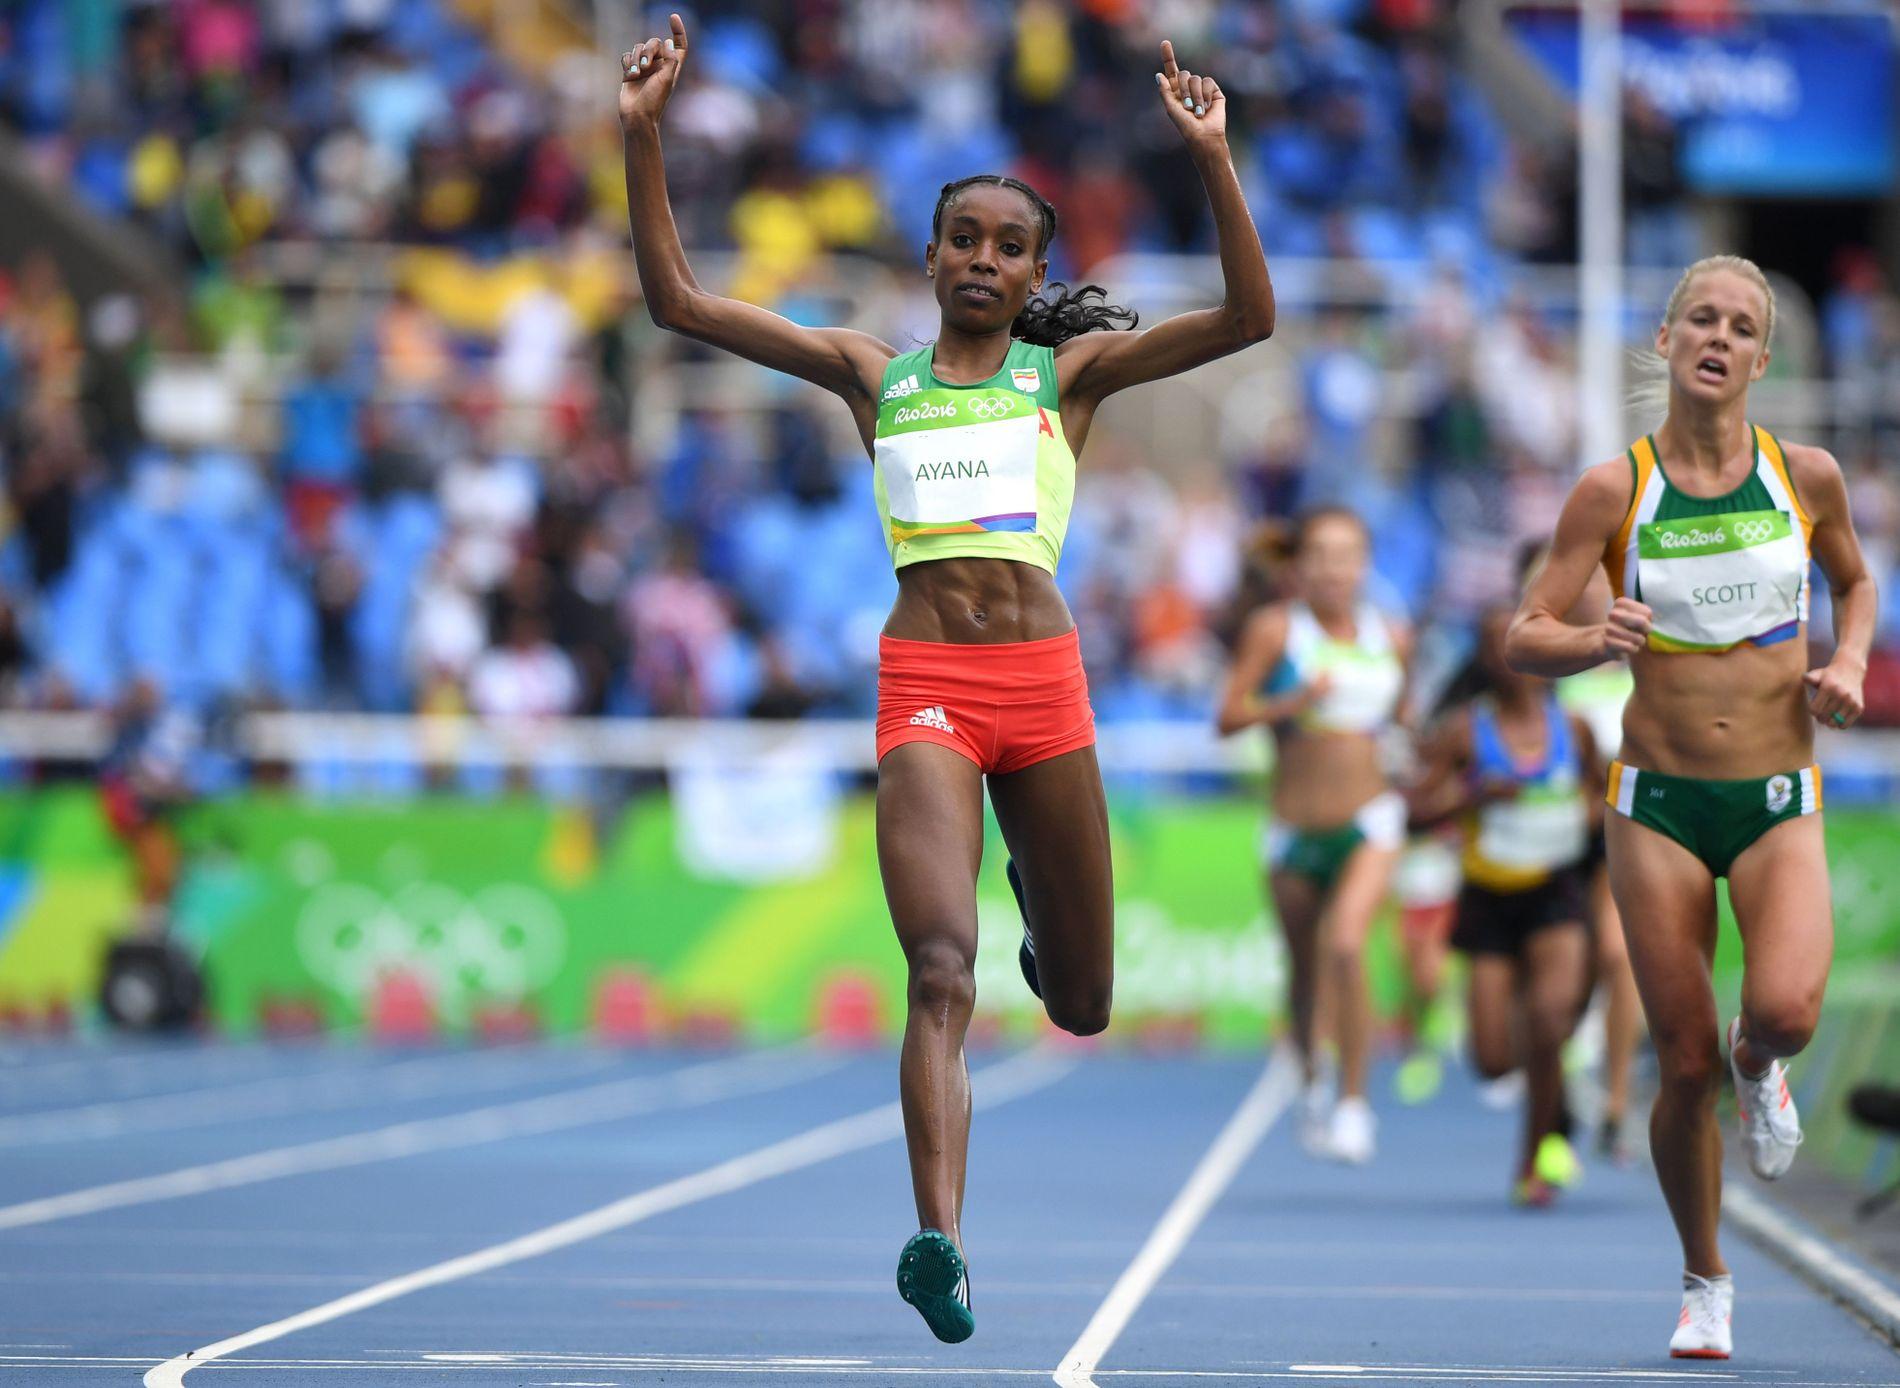 Verdensrekord 10000 meter